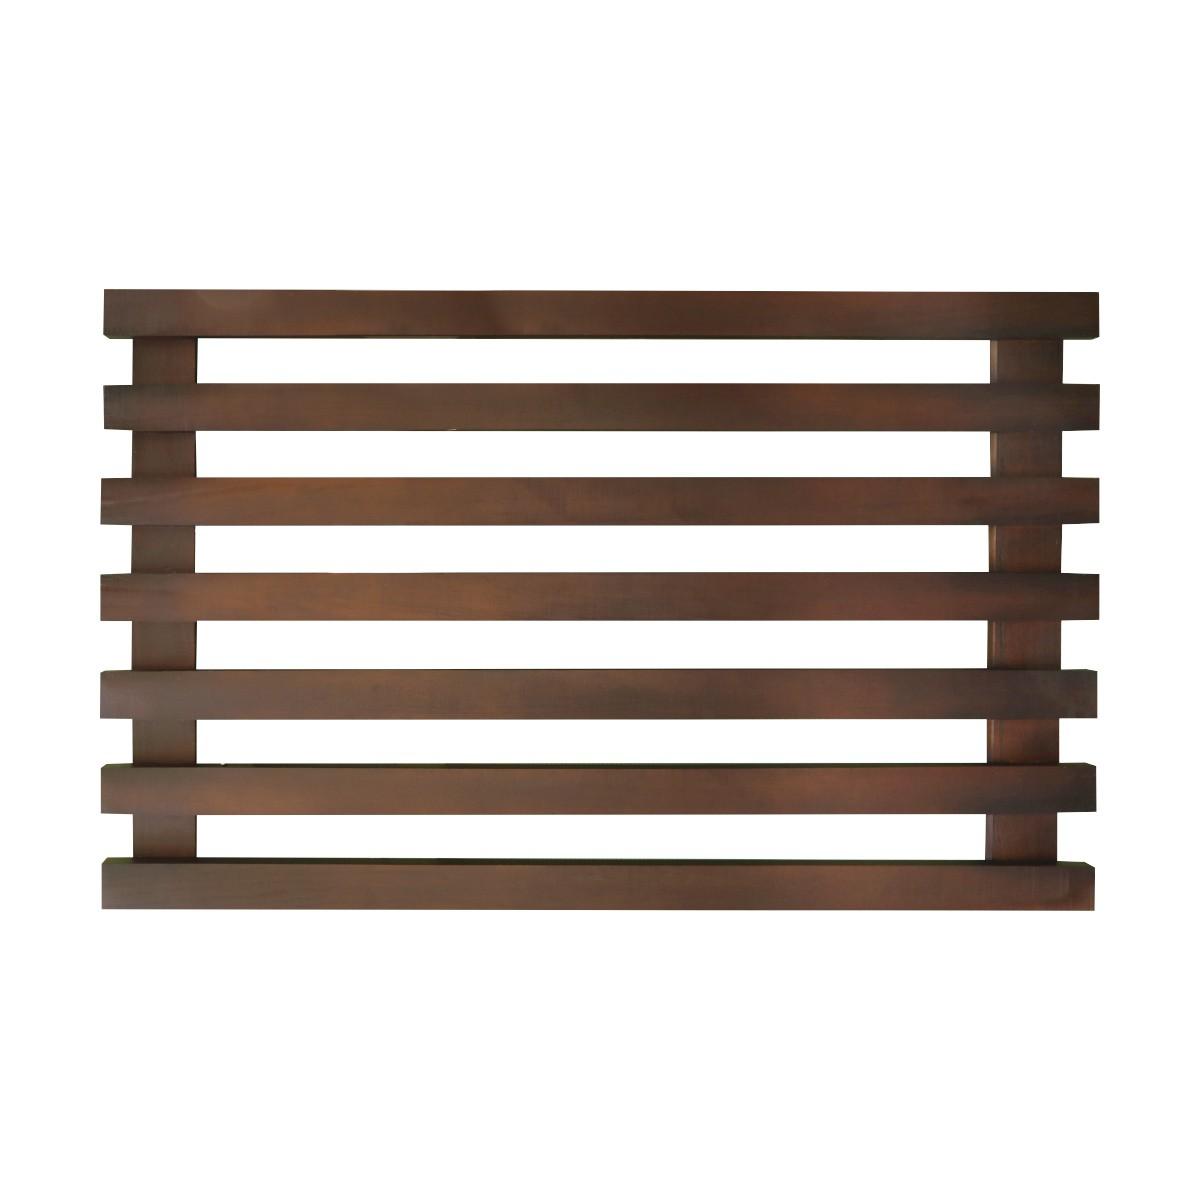 Treliça de madeira 60cm x 100cm para jardim vertical sem cantos arredondados cor Nogueira